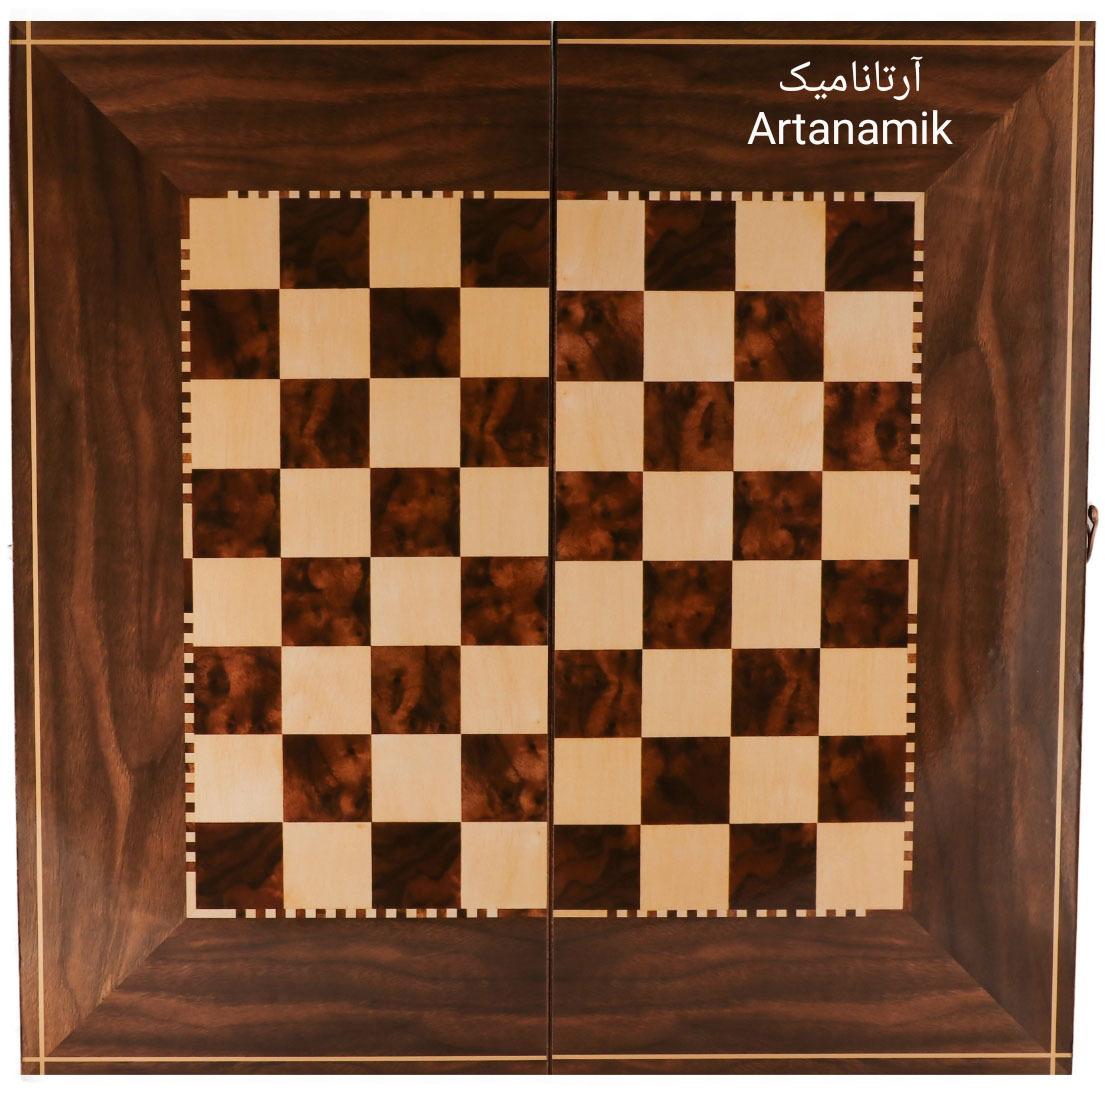 شطرنج کادویی، شطرنج نفیس از جنس چوب روس